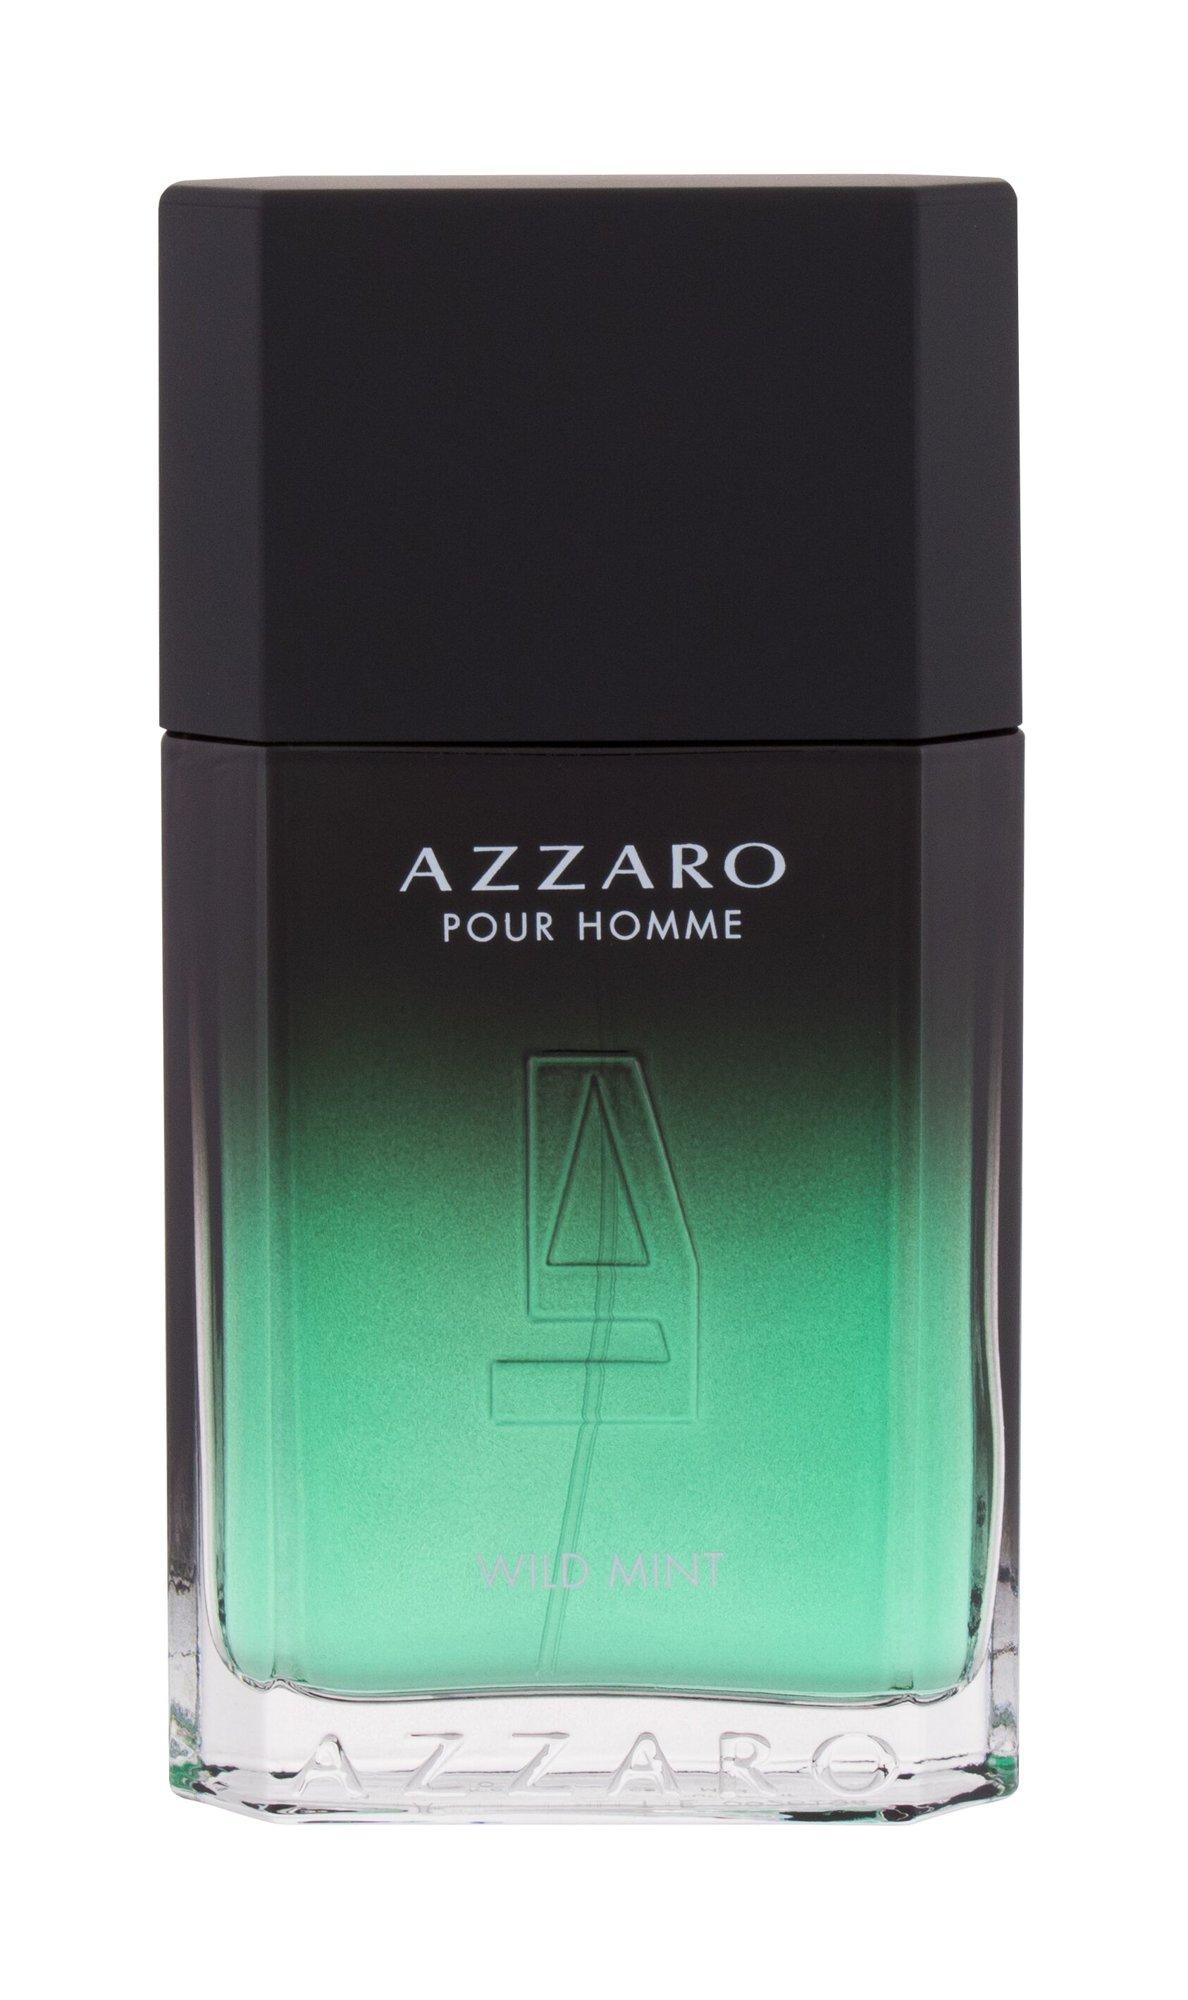 Azzaro Wild Mint, Toaletní voda 100ml